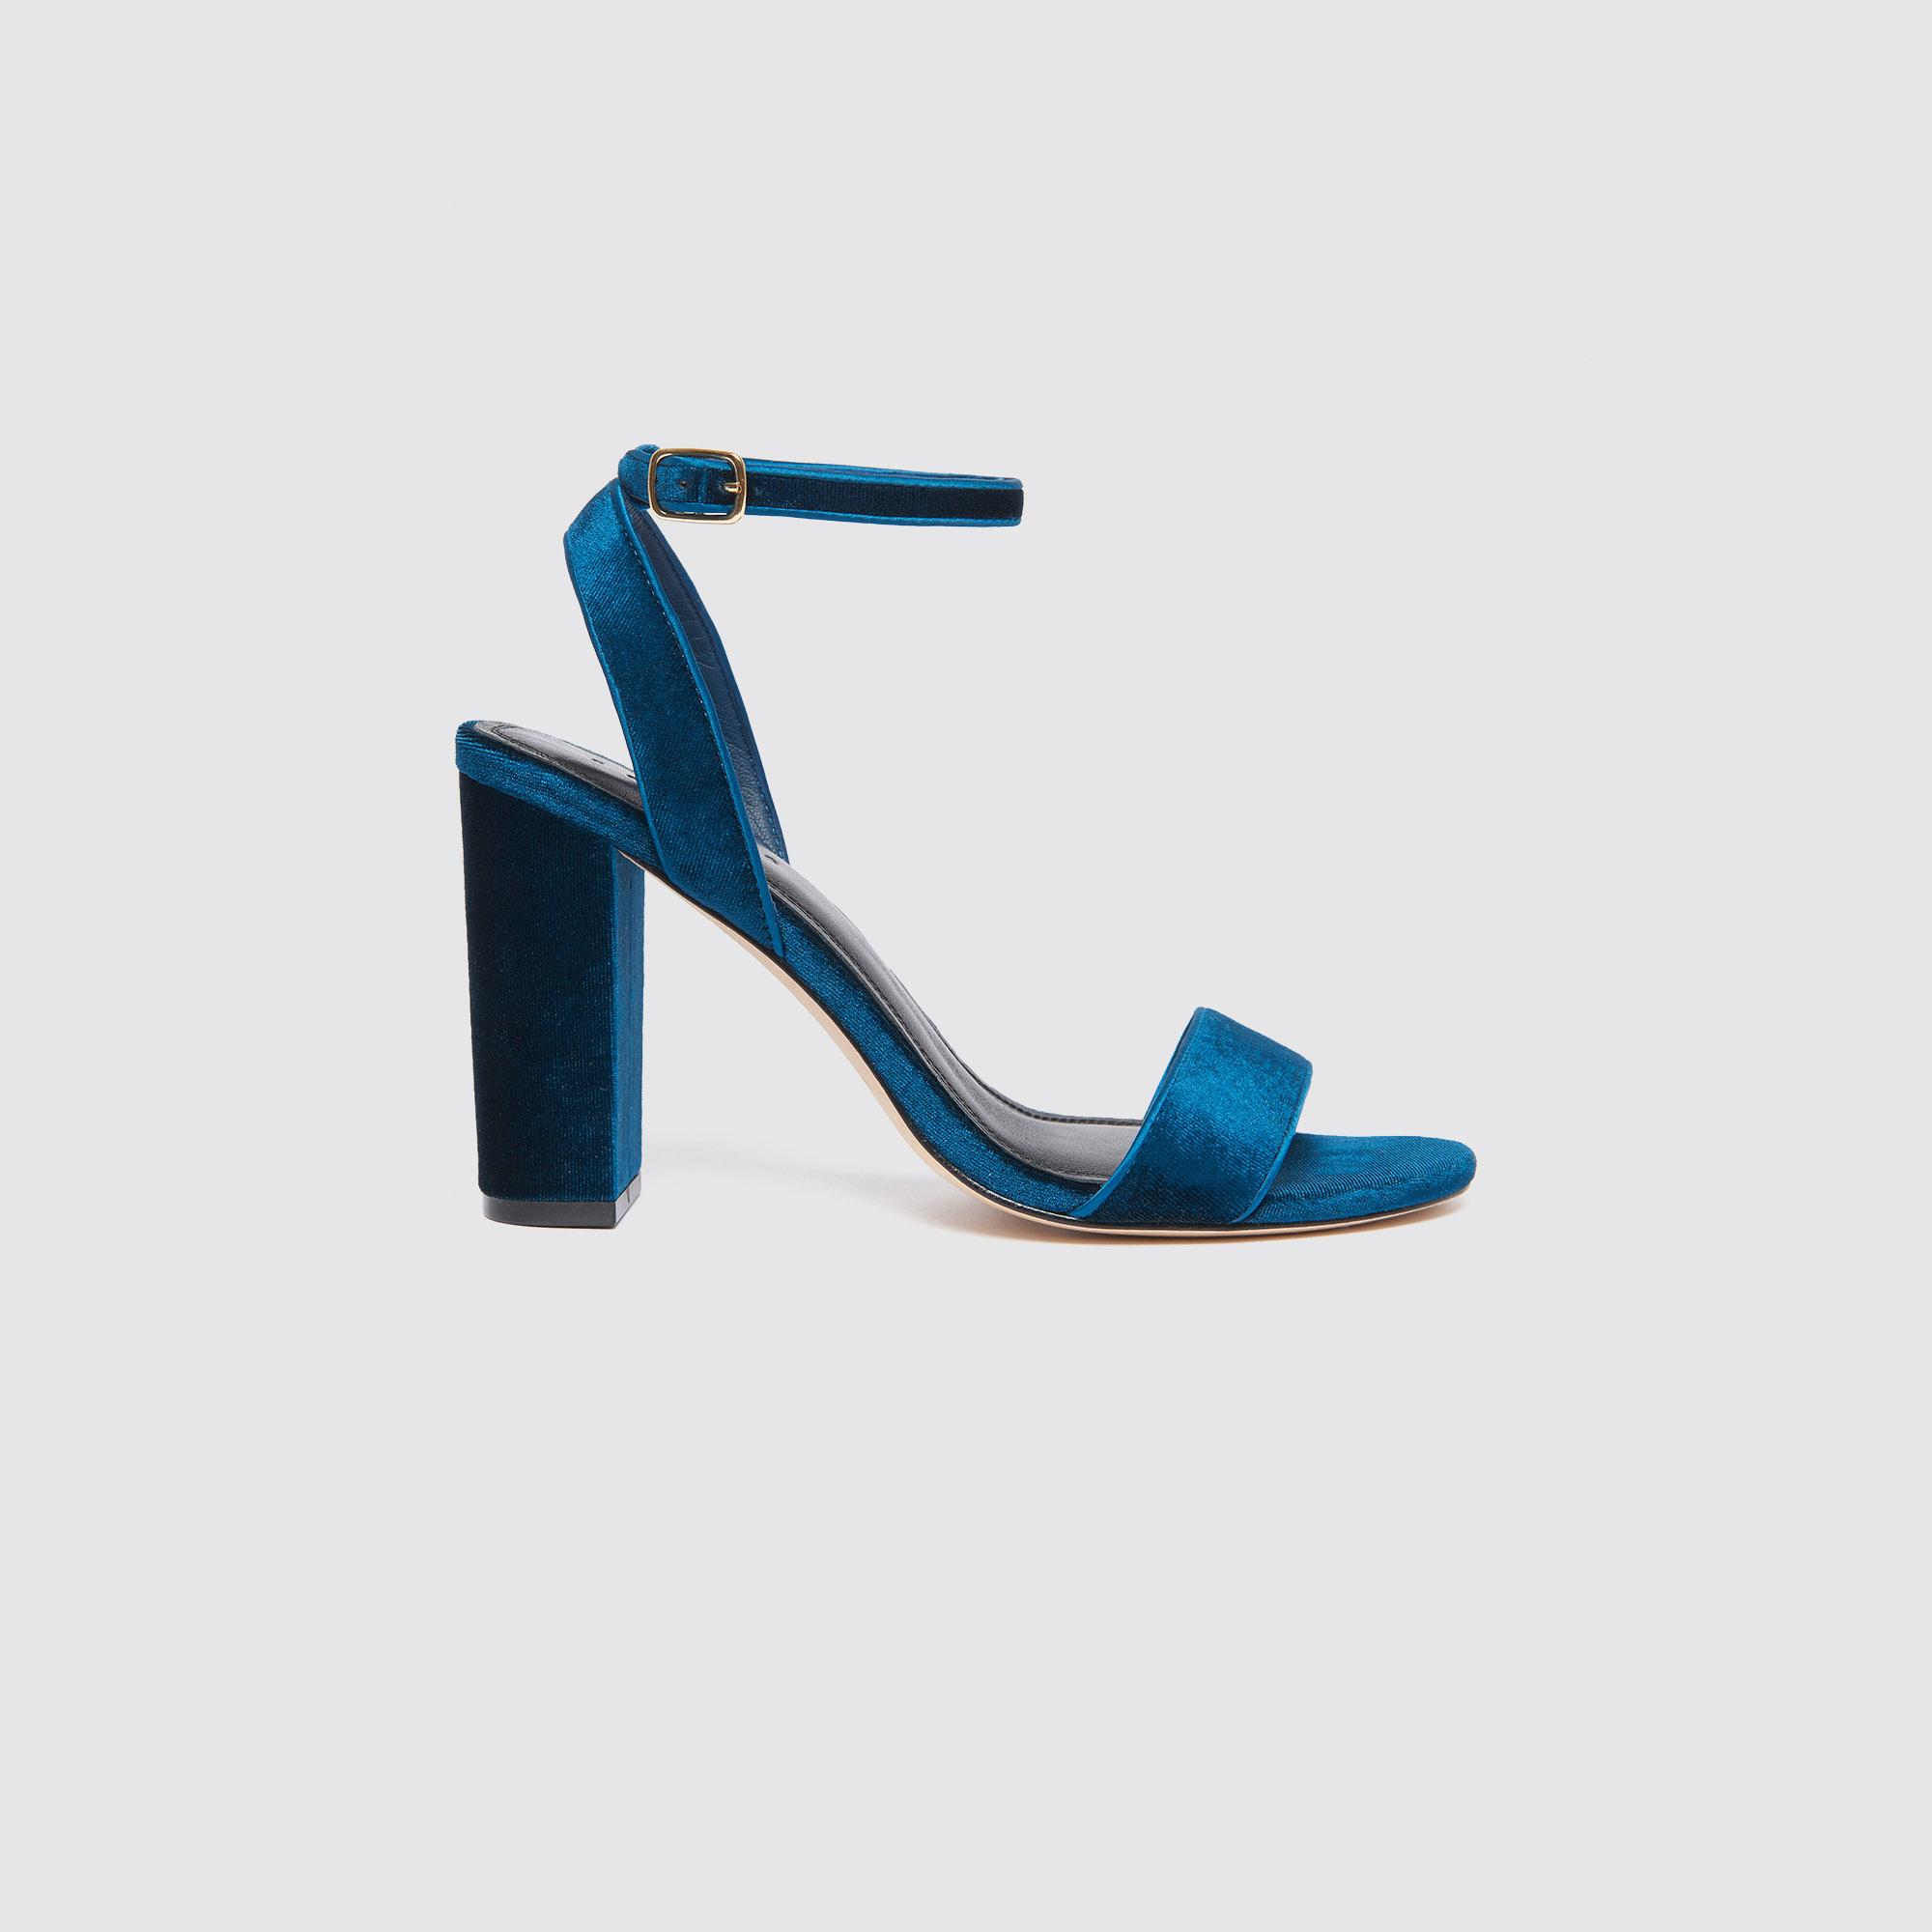 d70af7f12f3313 Velvet heeled sandals   Sandals color Turquoise ...